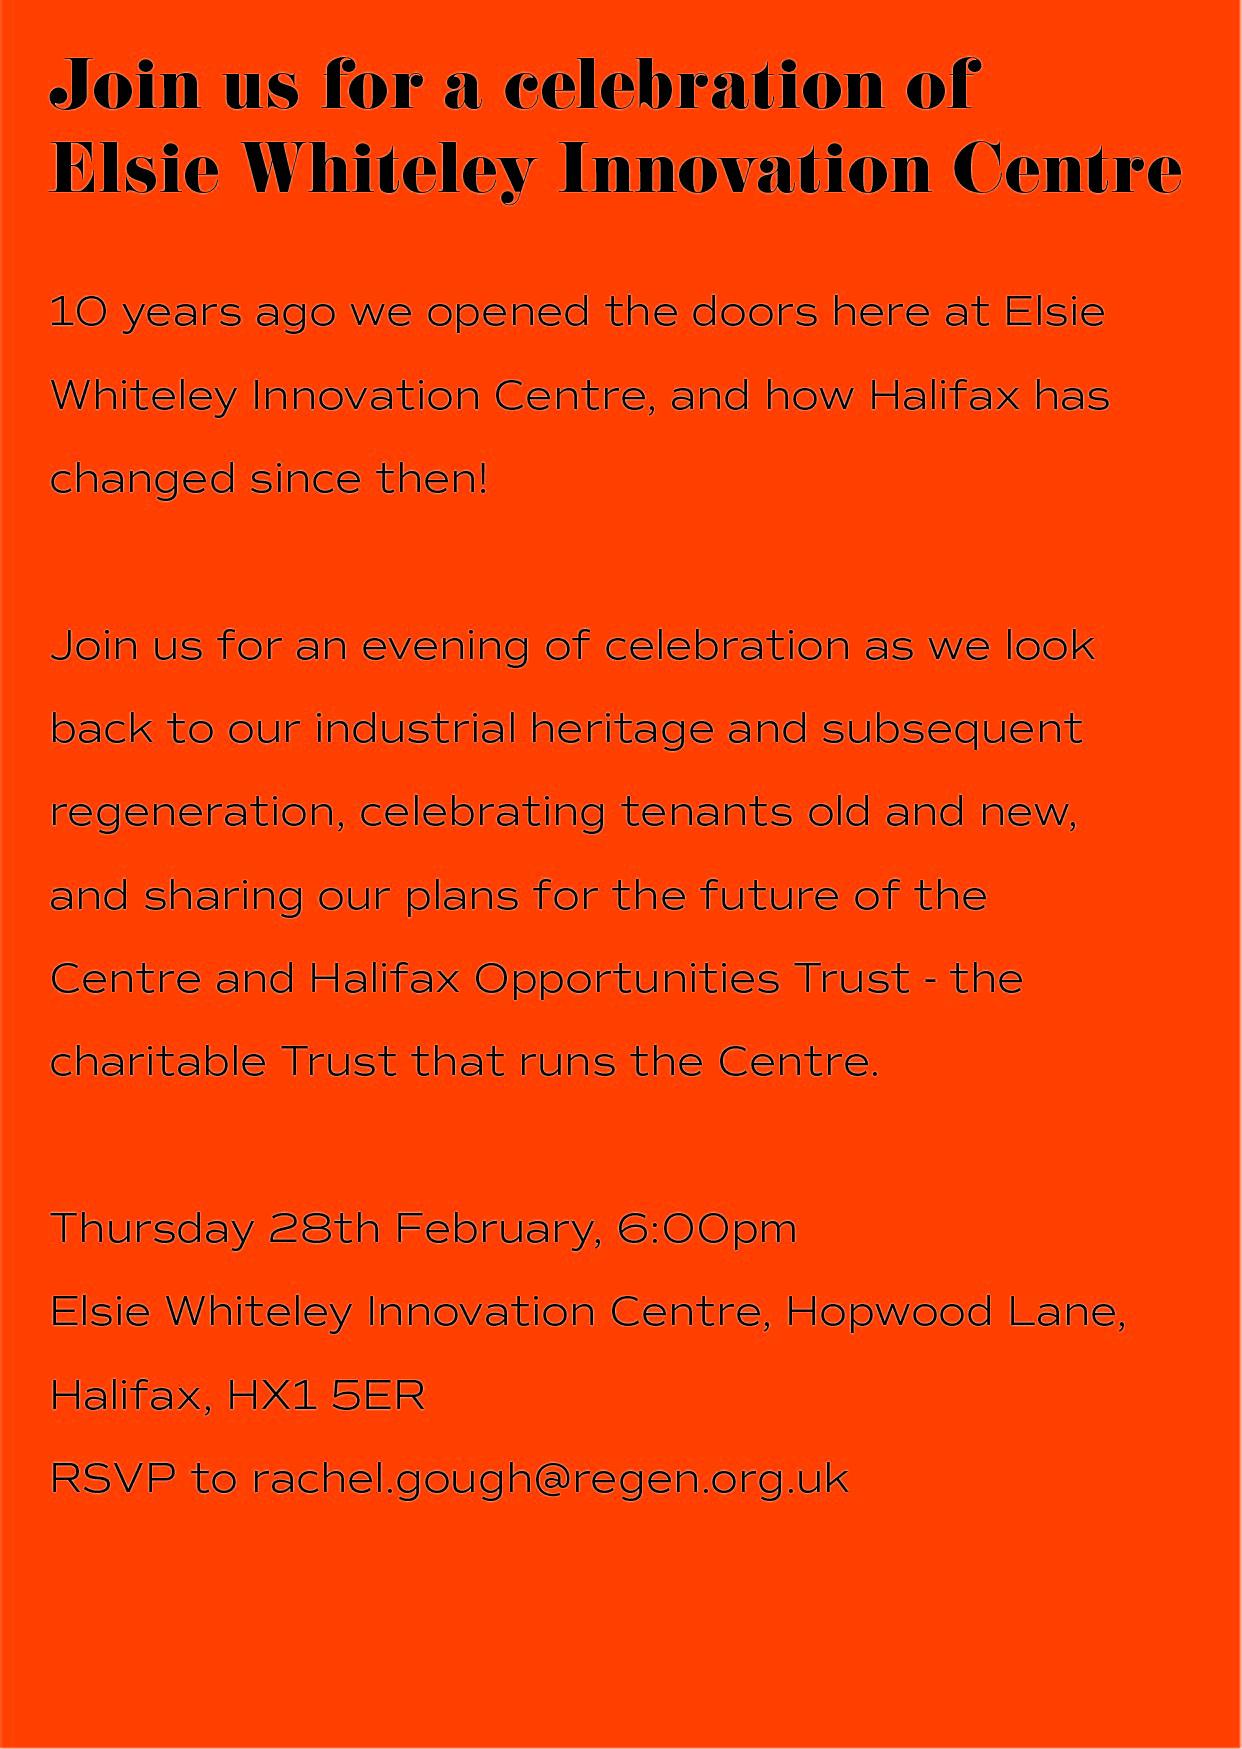 anniversary invite 02